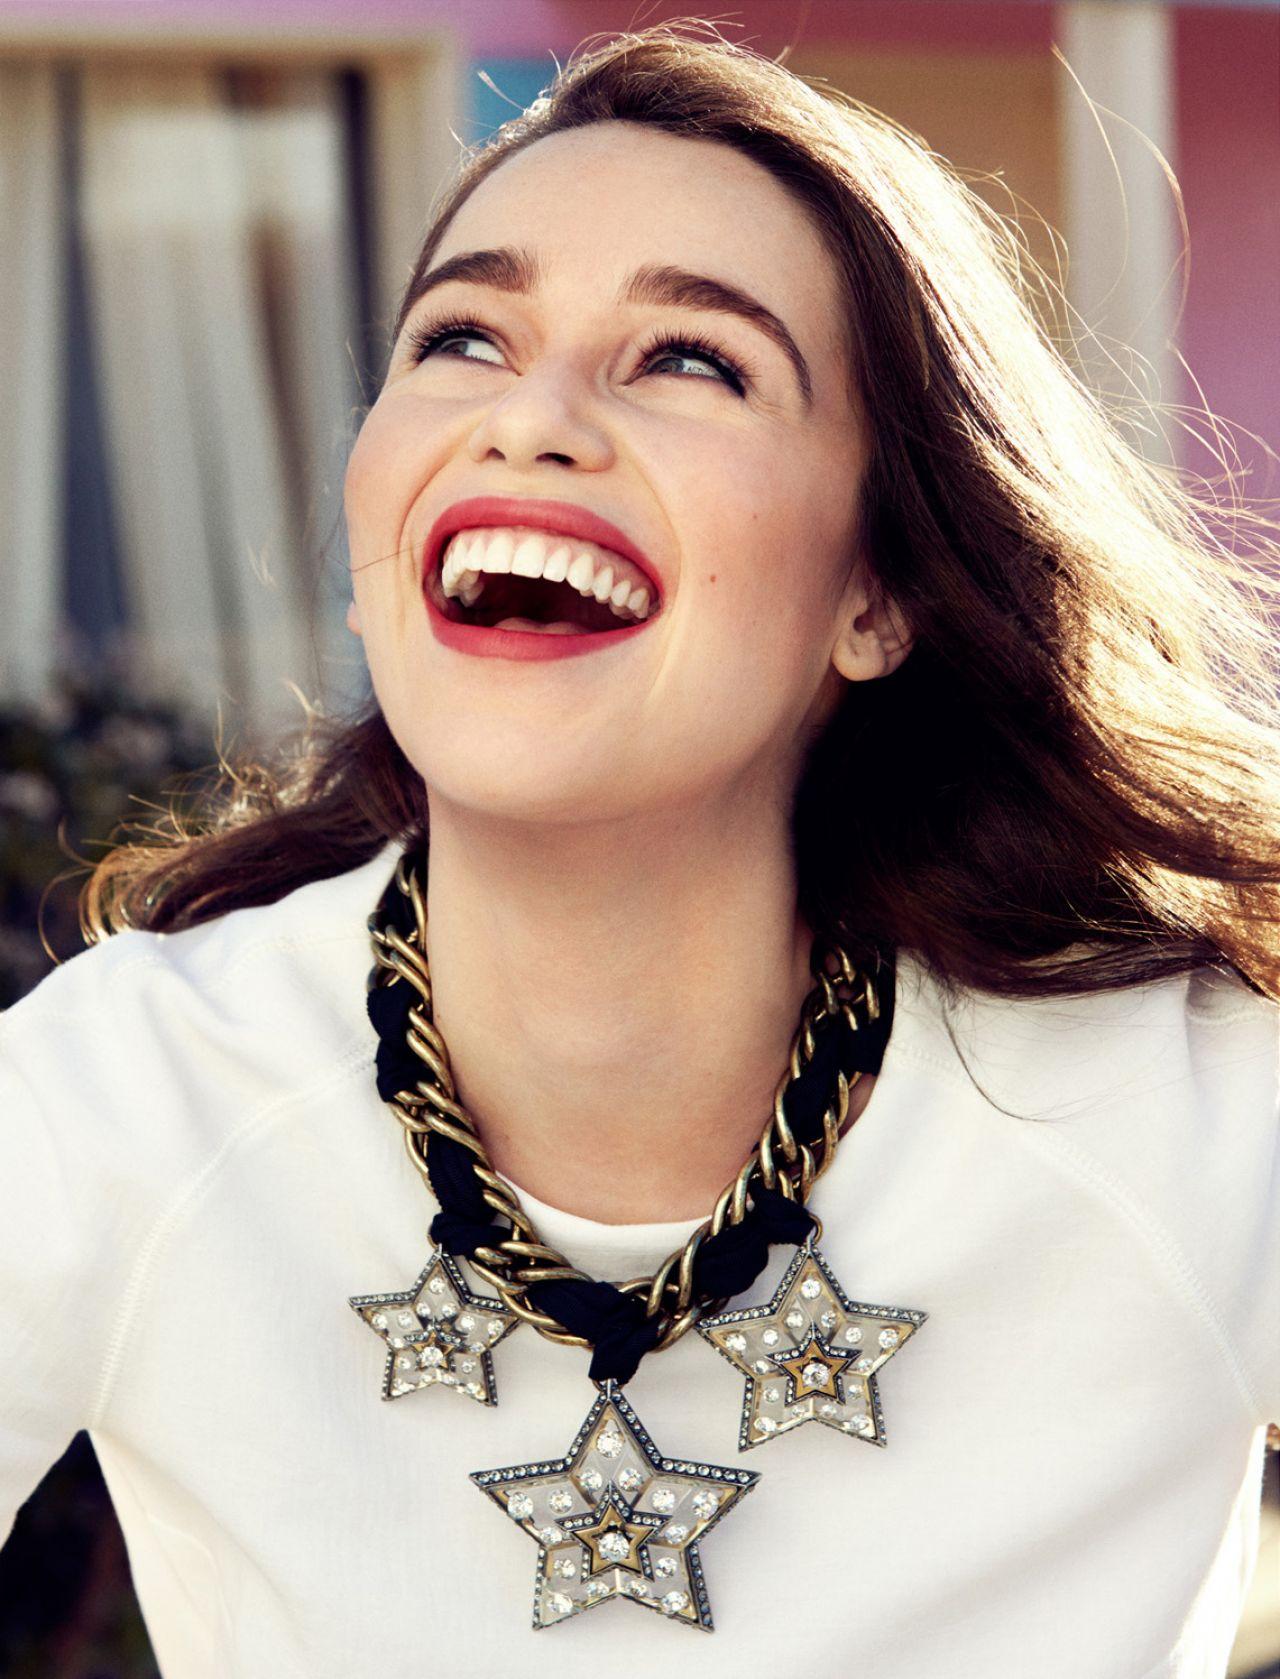 Những điều chưa biết về Emilia Clarke - Mỹ nhân của năm 2015